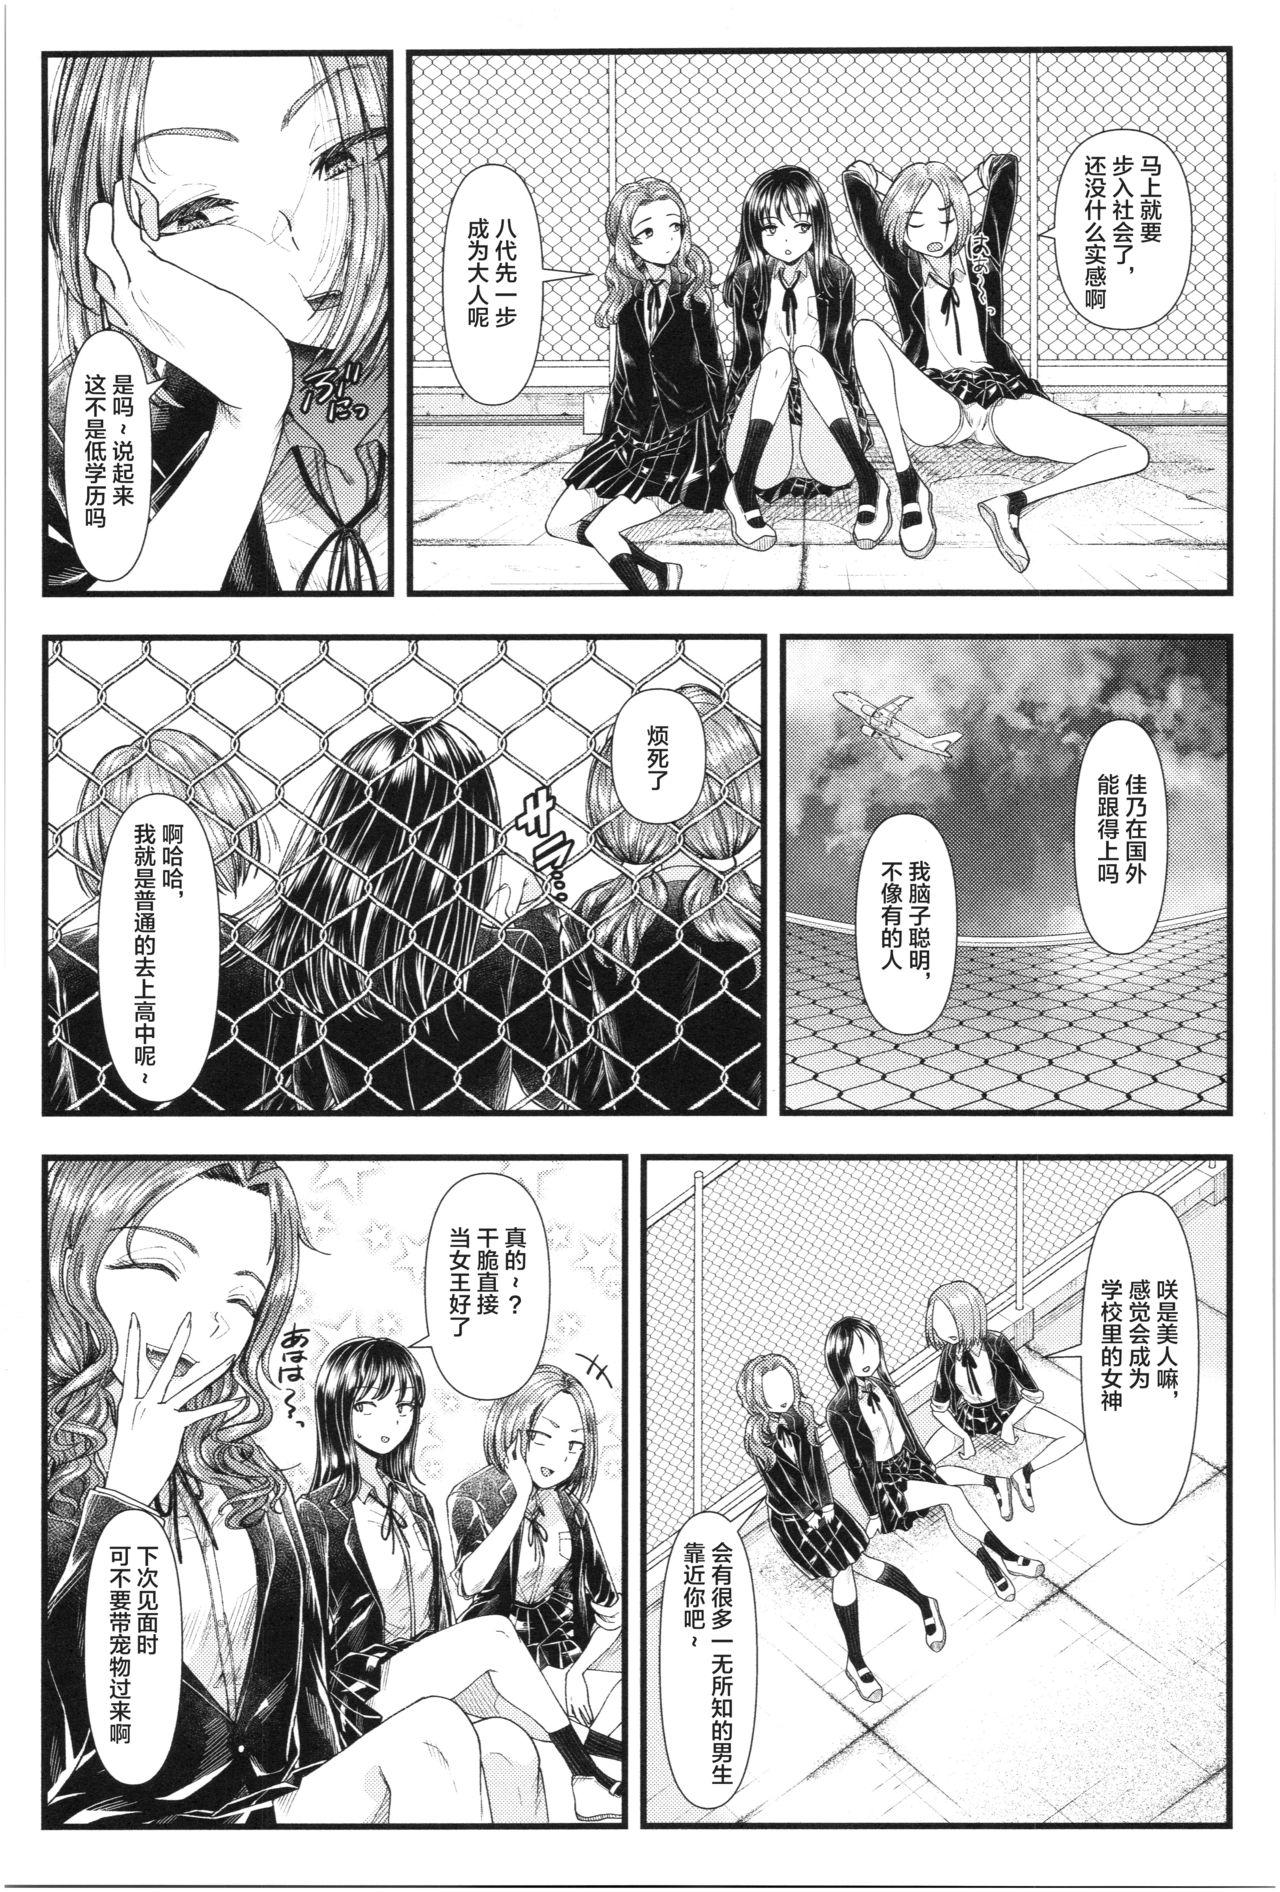 [Aoyama Denchi] Sannenkan no Aoi Haru ~Mesugaki nanka ni Zettai Makenai Sensei~卒業[Chinese]【不可视汉化】 2